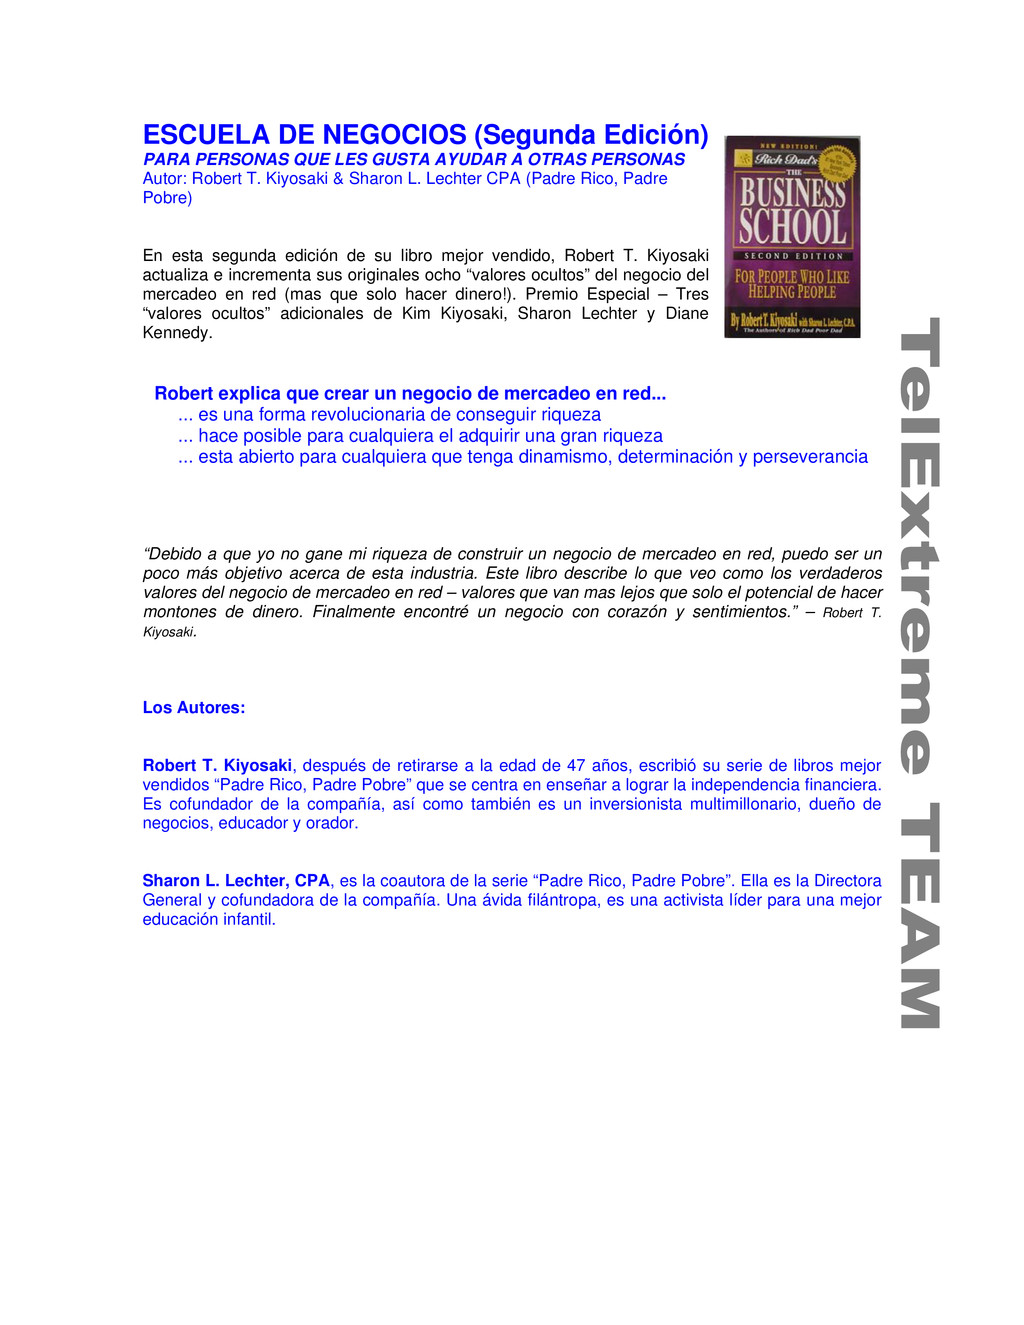 ESCUELA DE NEGOCIOS (Segunda Edición) PARA PERS...